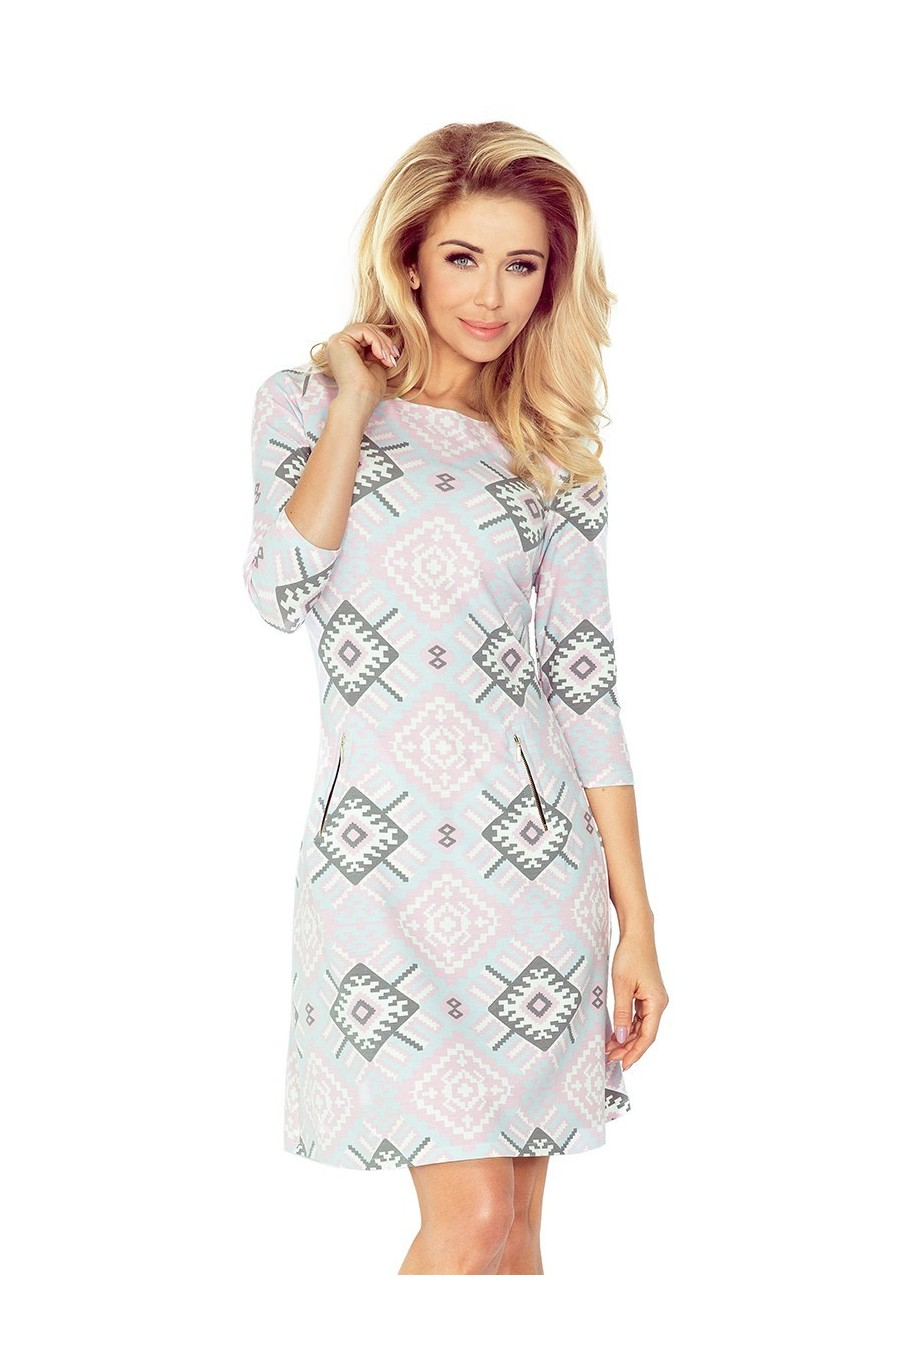 Šaty se zipy - velké růžové a šedé vzory 38-21